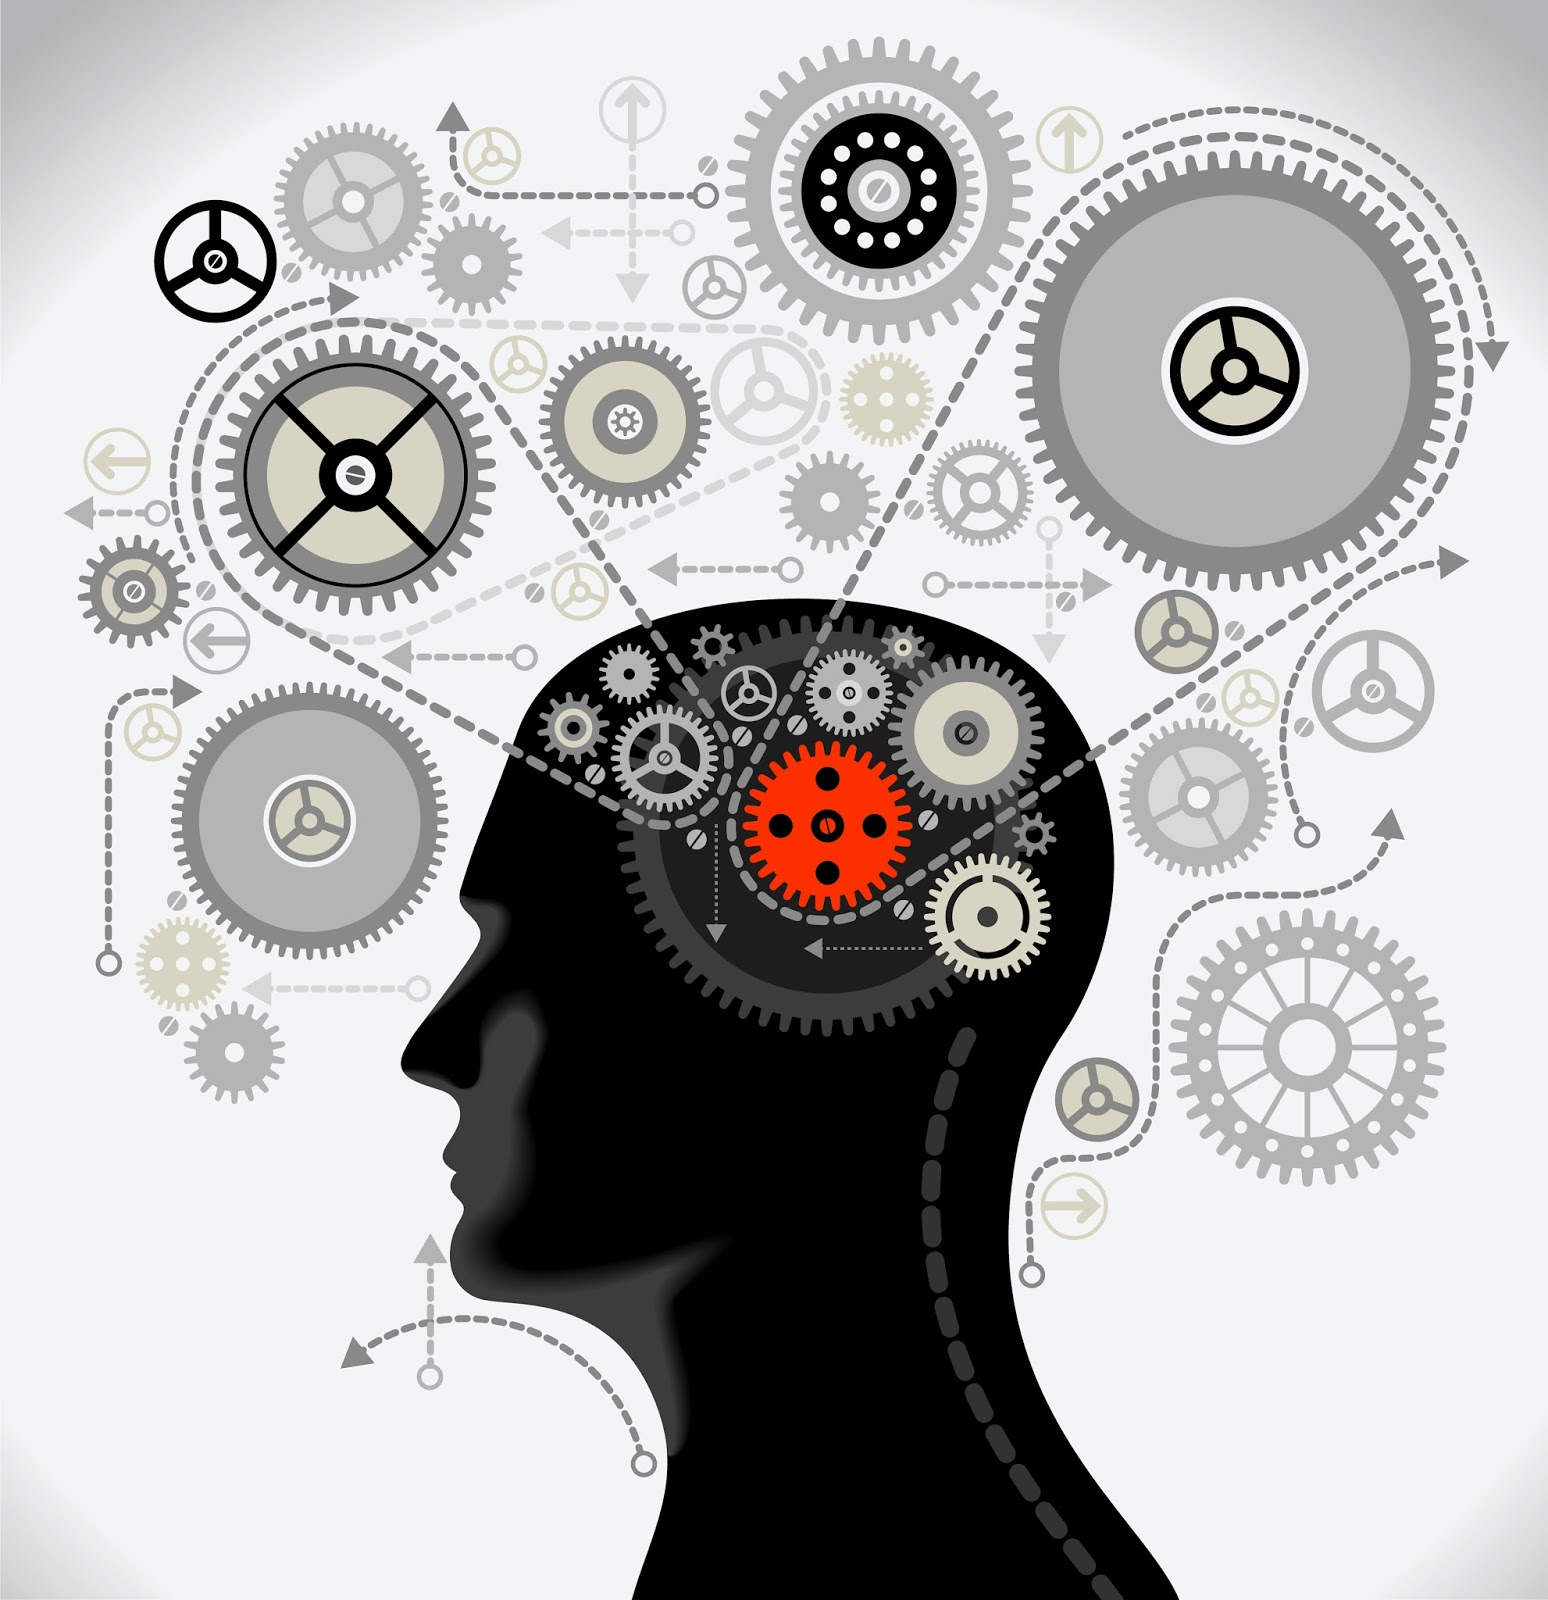 تحميل كتاب الفروض العلمية مدخل لتنمية التفكير pdf